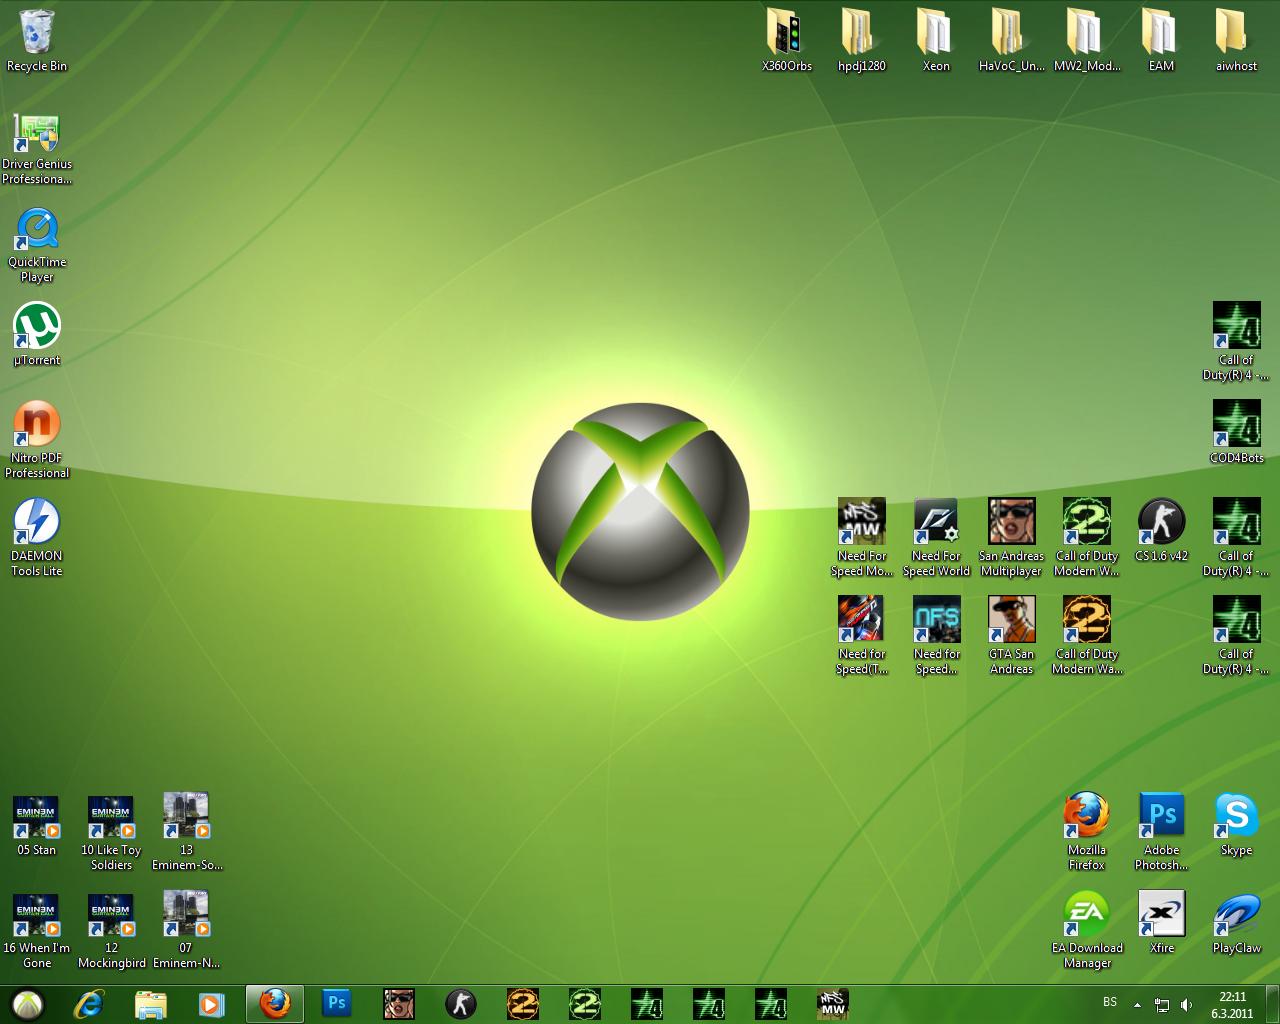 XBOX 360 Theme for Windows 7